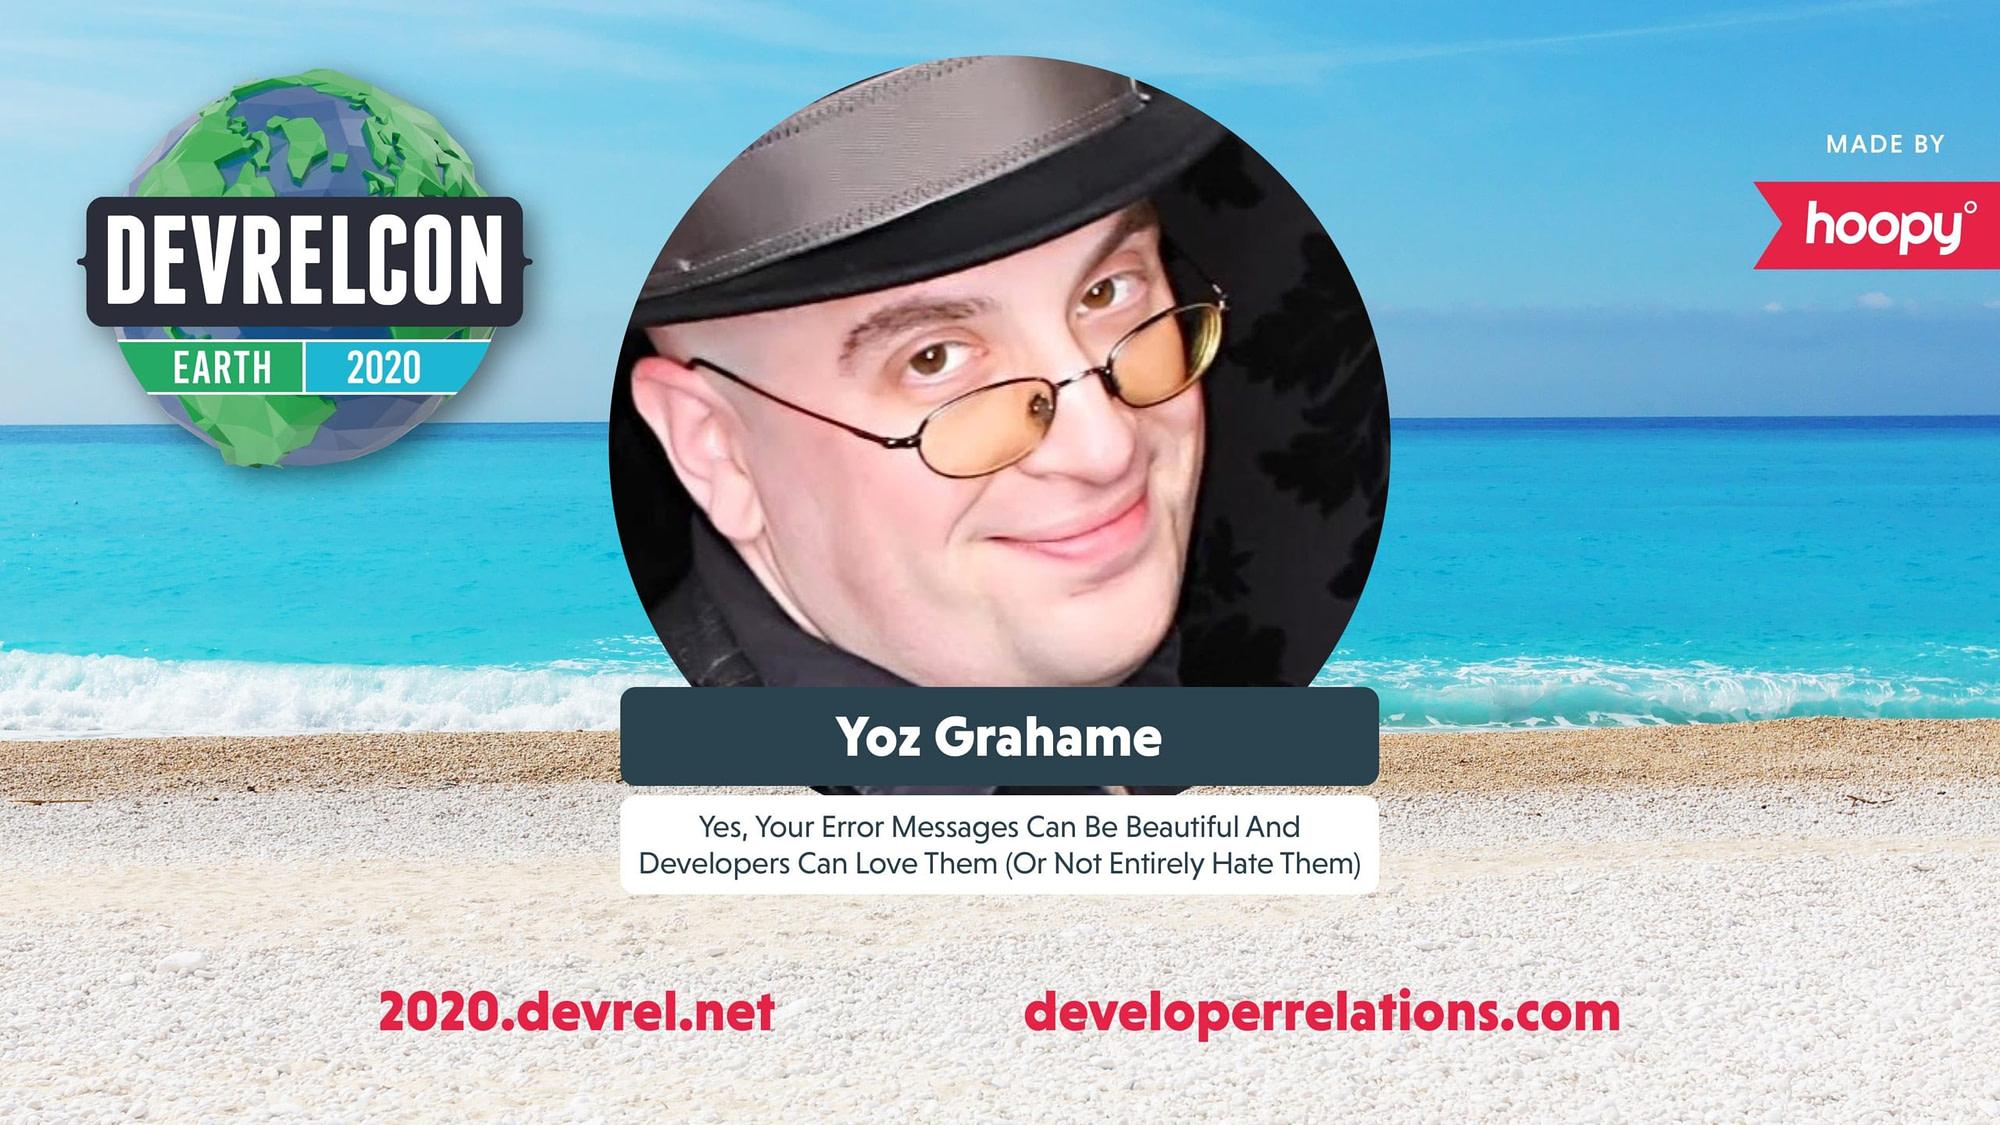 Yoz Grahame